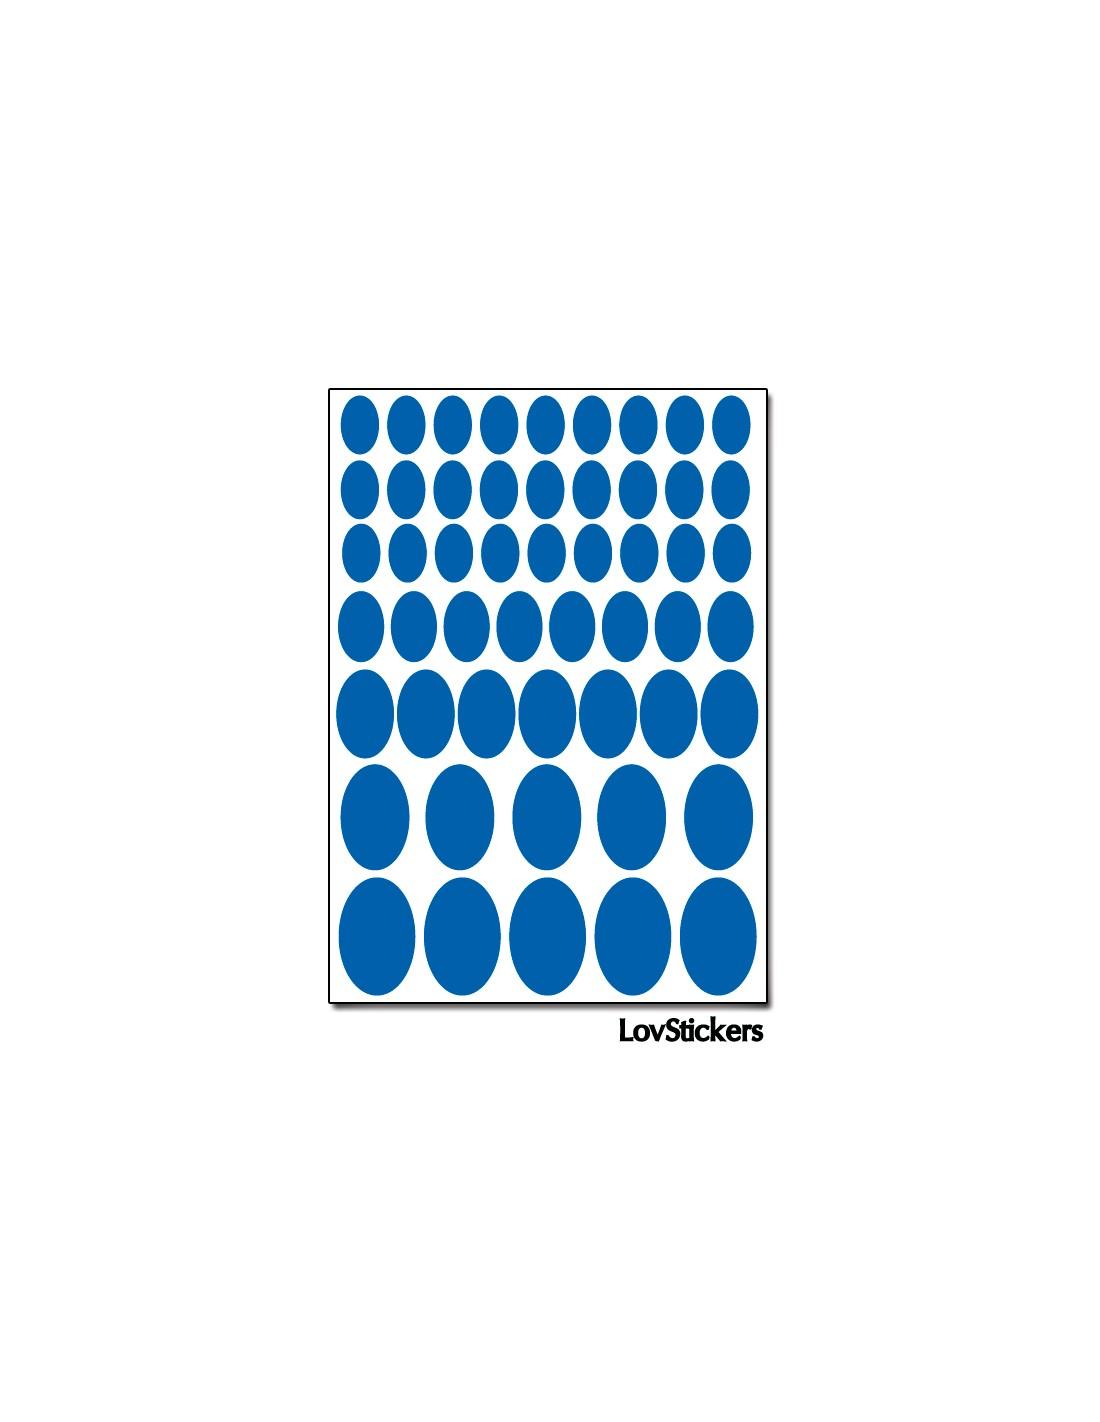 Gommettes de decoration stickers pour les loisirs les for Stickers et decoration